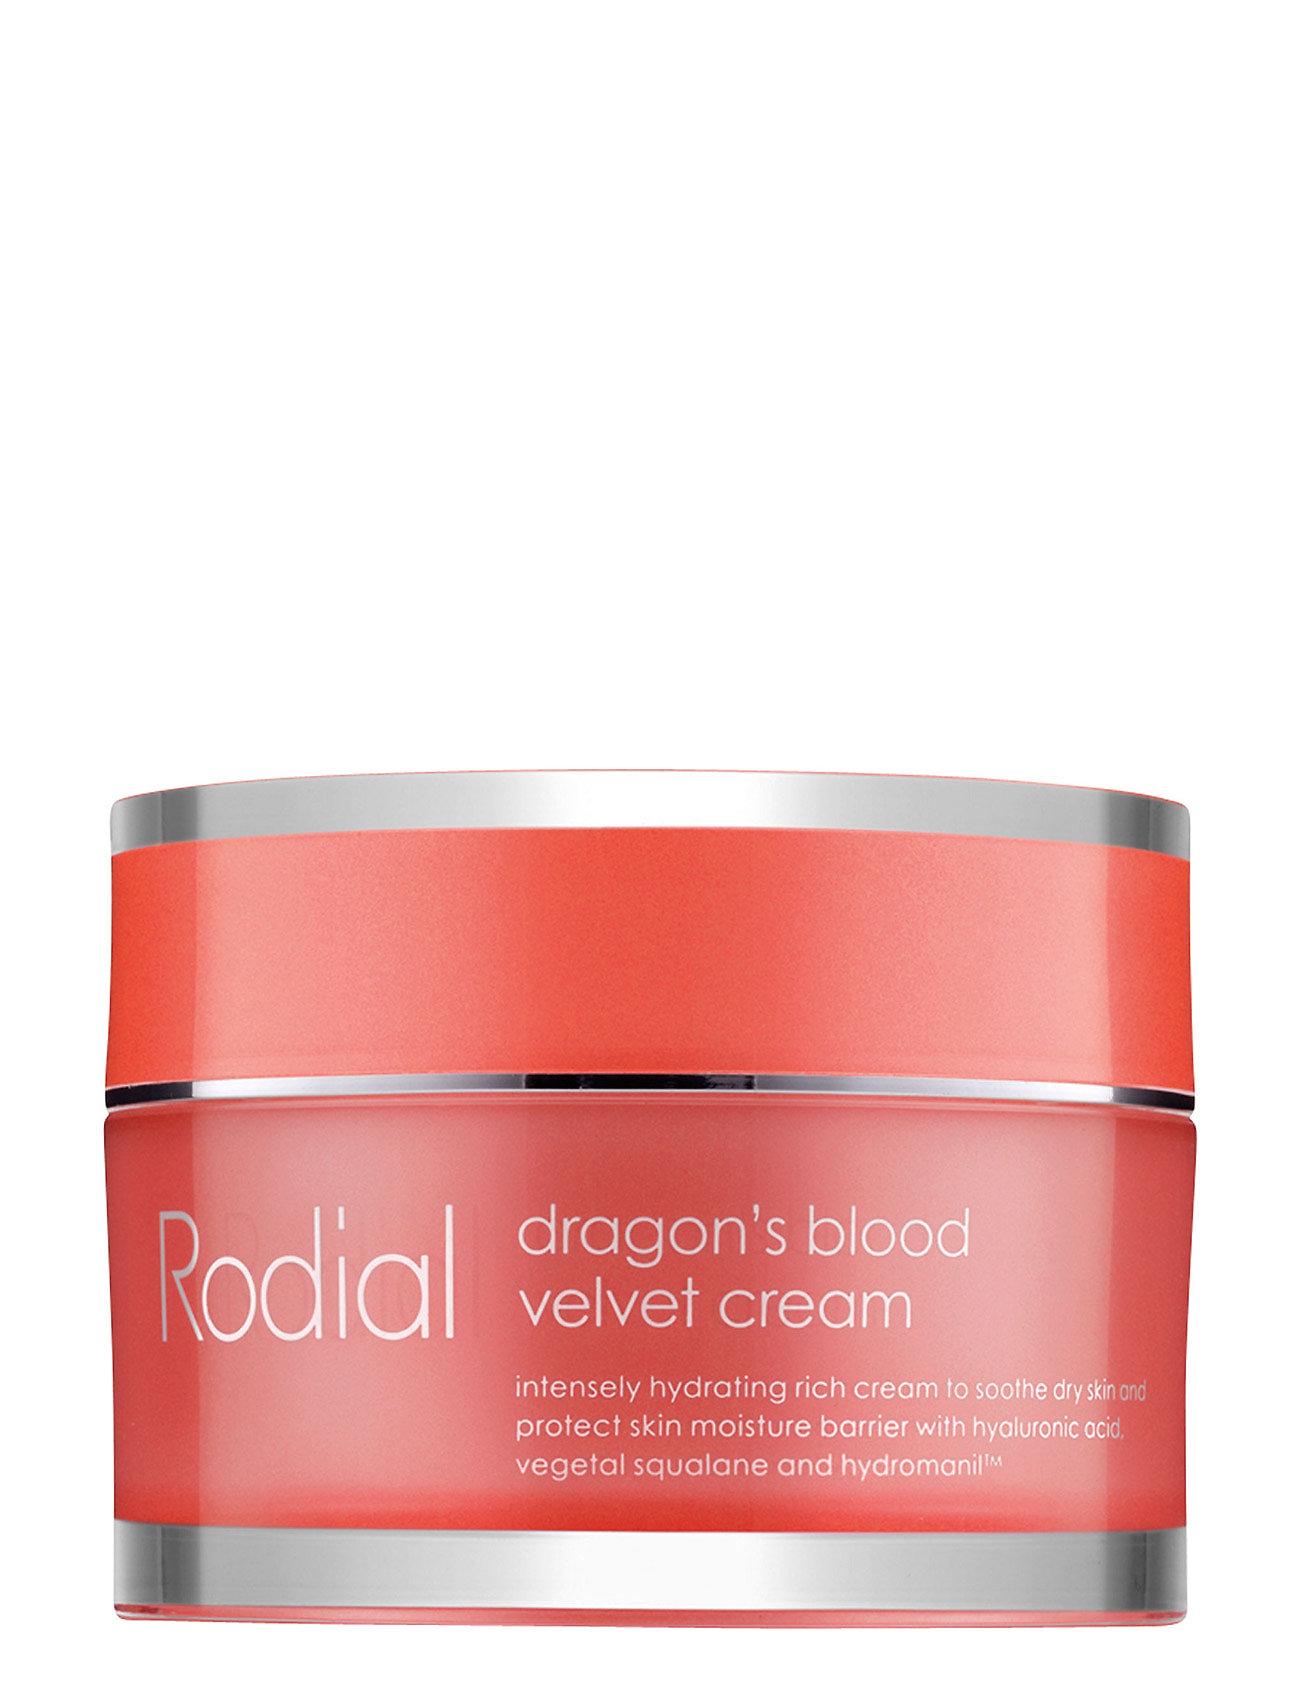 Dragonâ´s blood hyaluronic velvet cream fra rodial på boozt.com dk